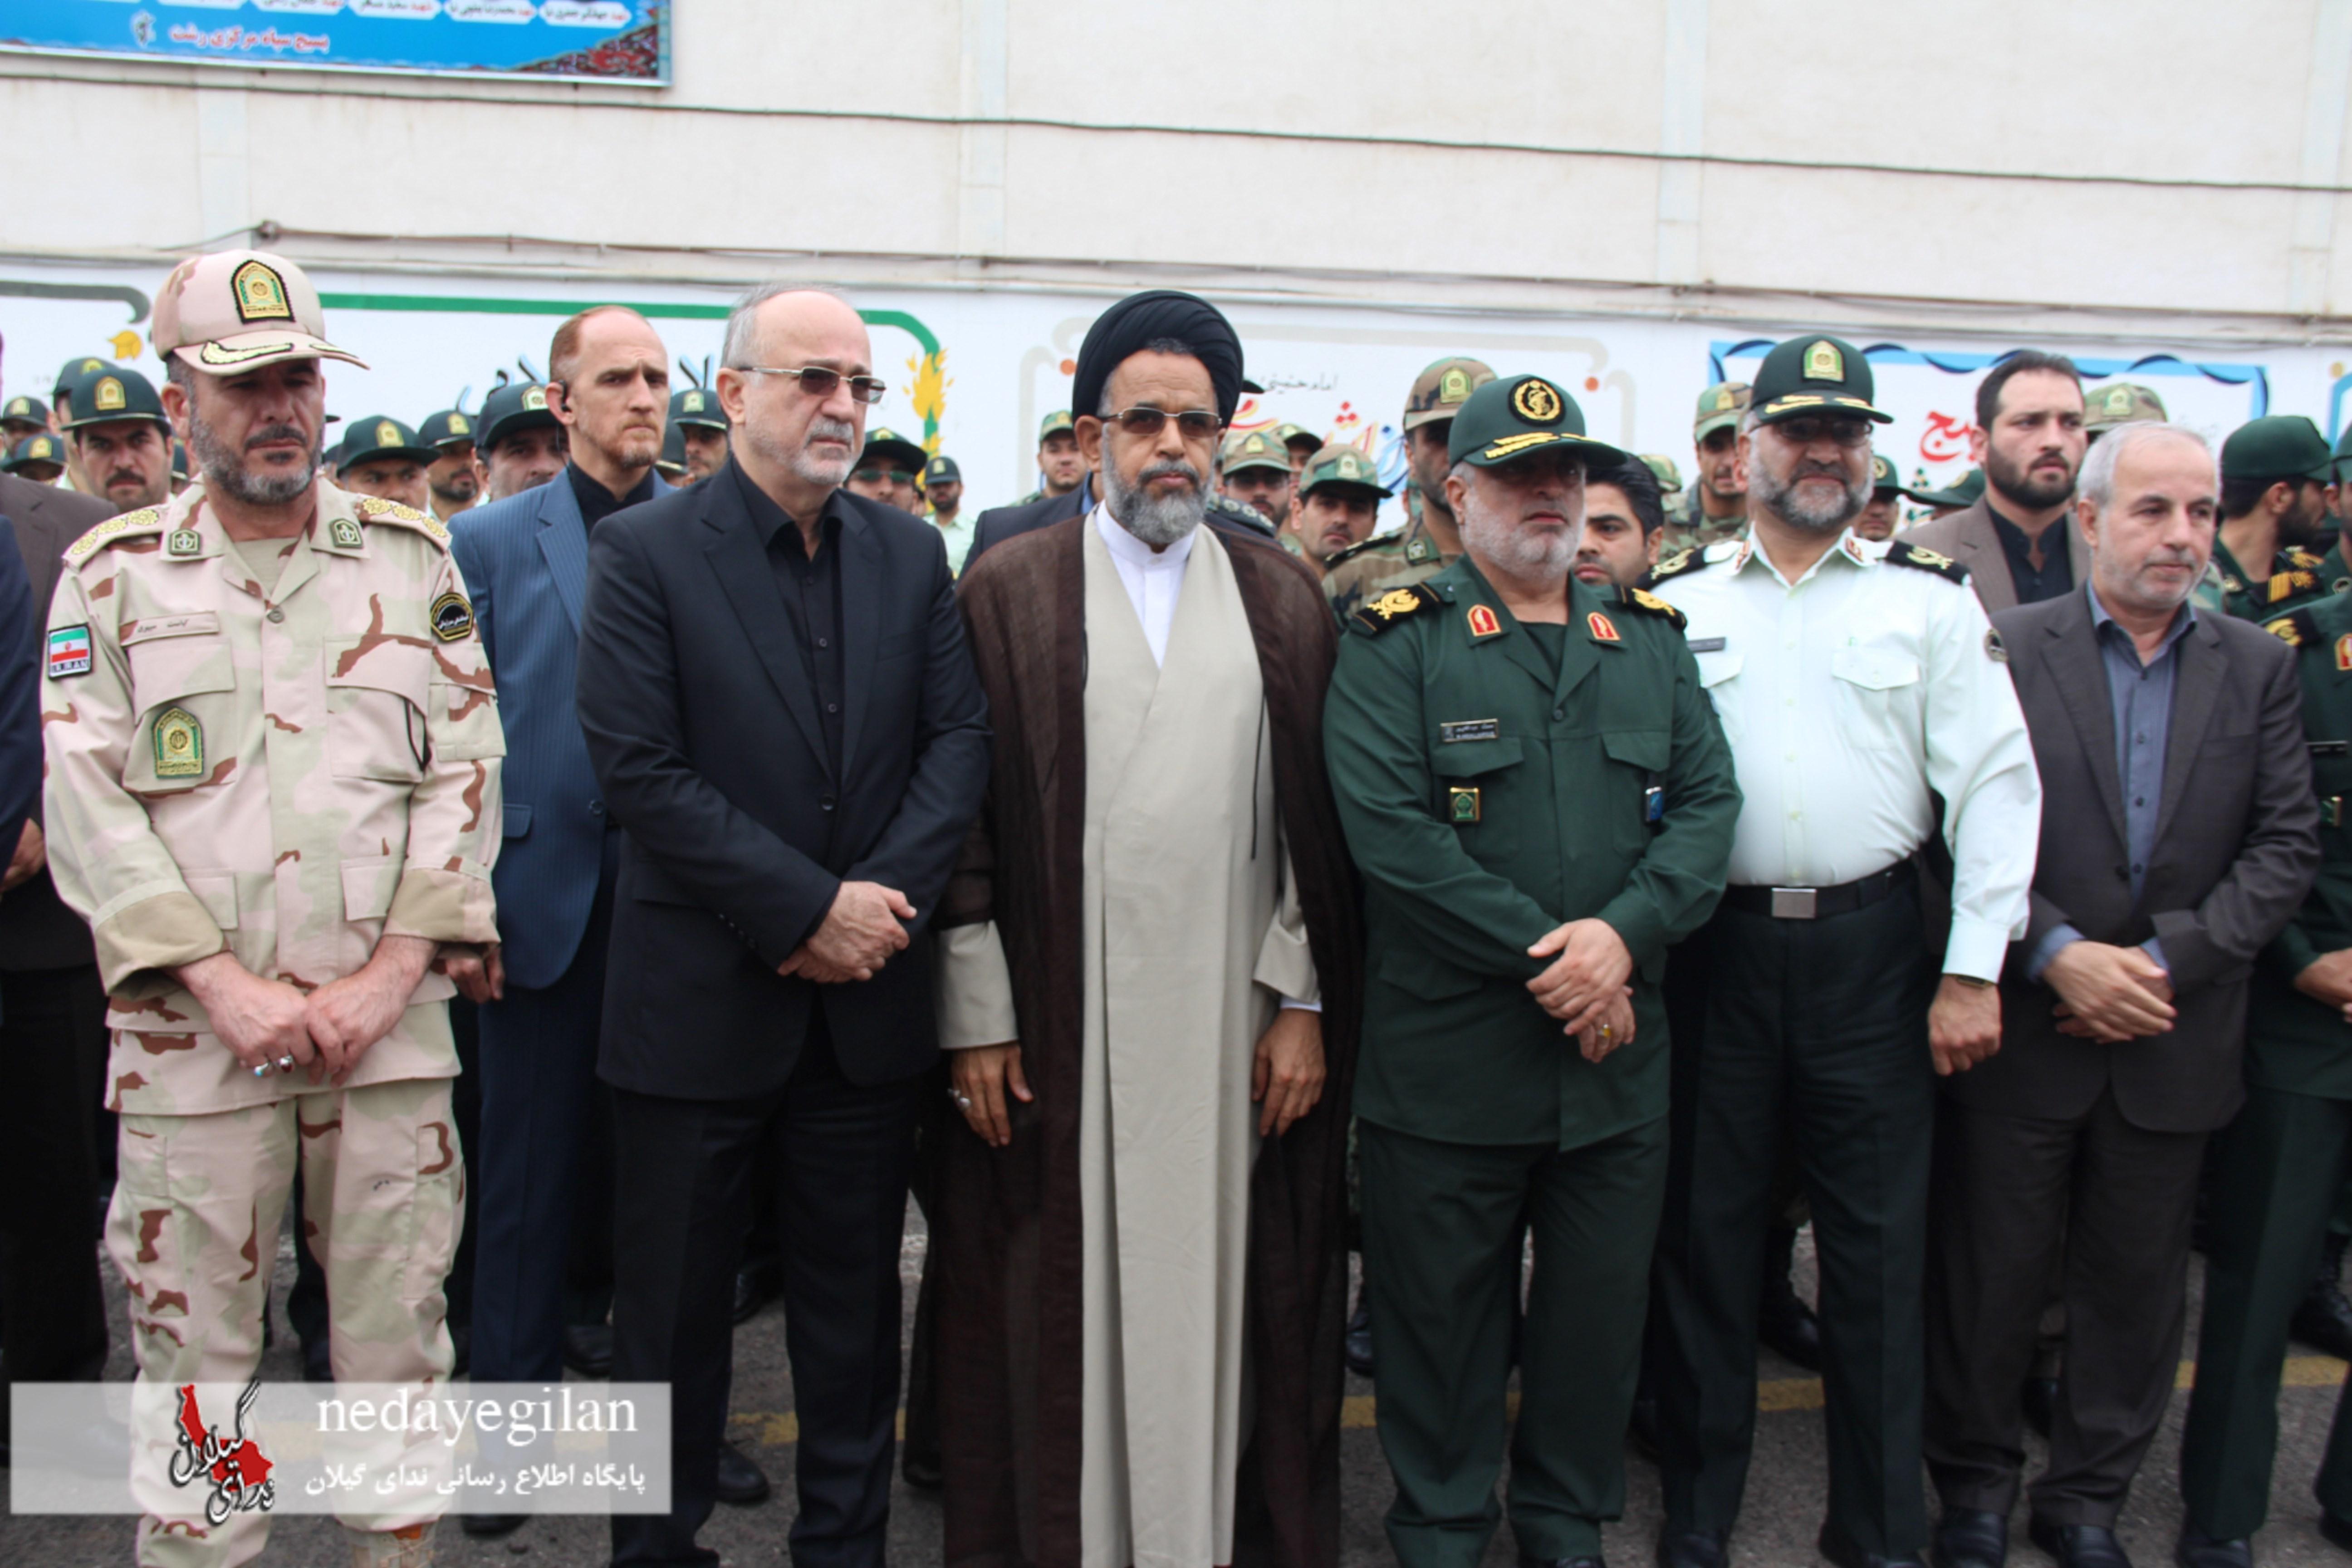 تا زمانی که بوی شهادت هست، مردم ایران روی اسارت نمی بینند